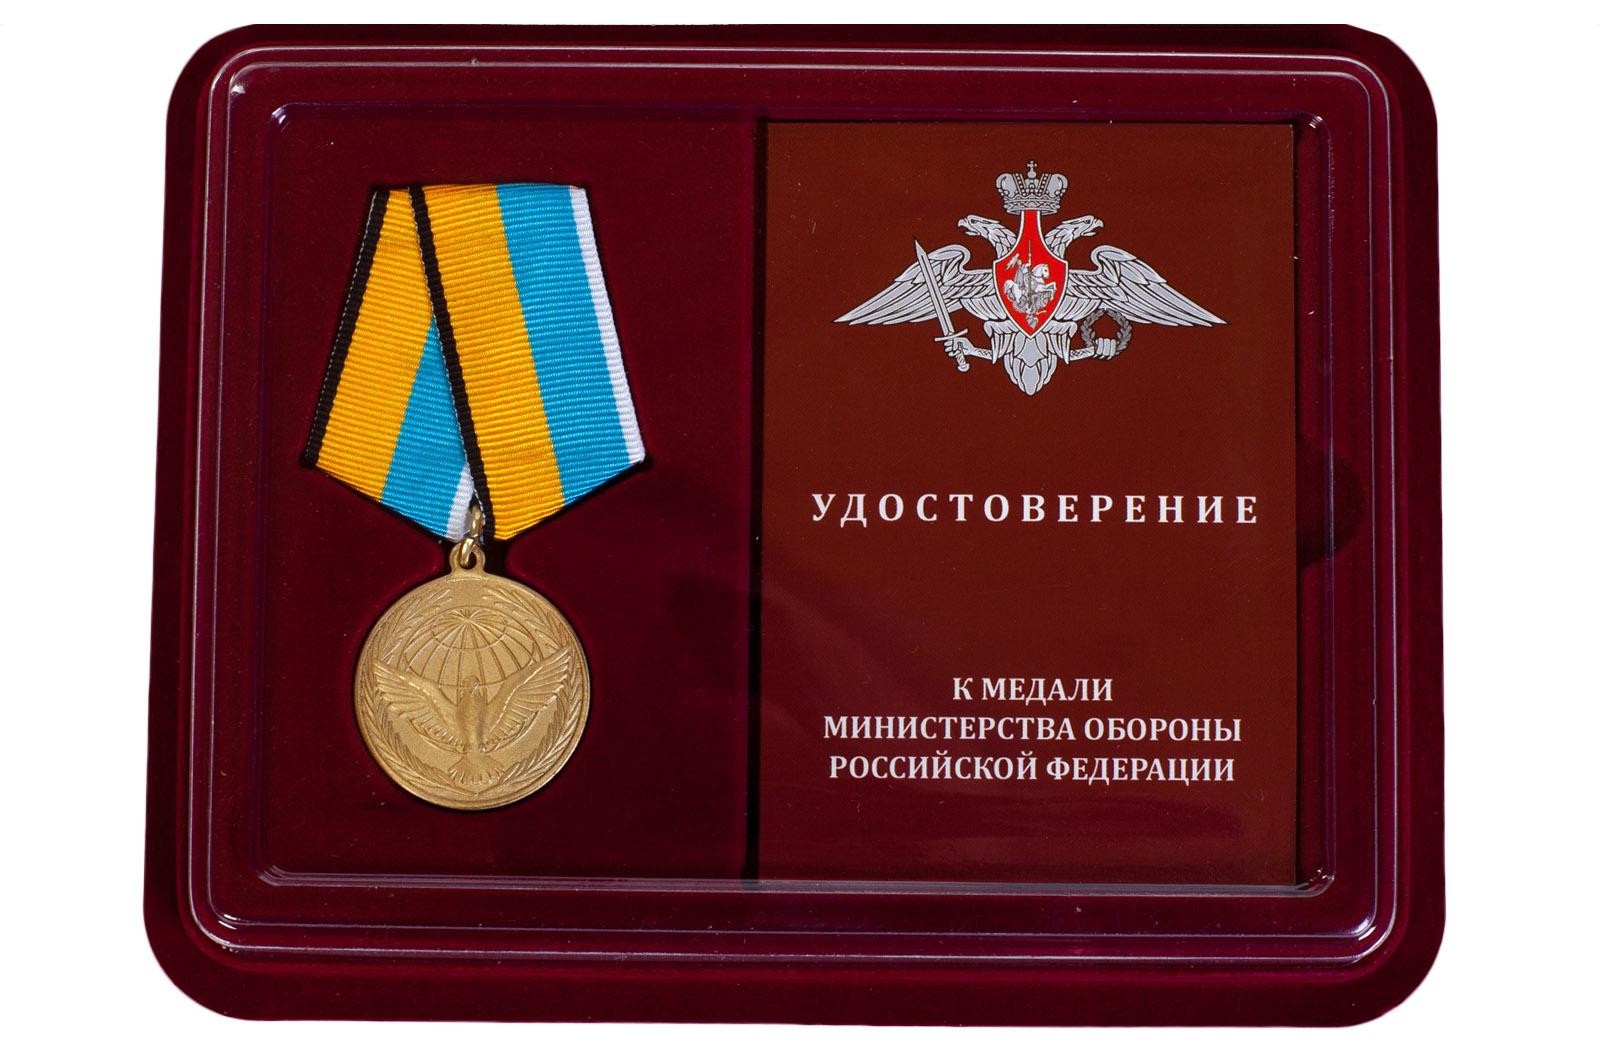 Купить памятную медаль Участнику миротворческой операции выгодно оптом